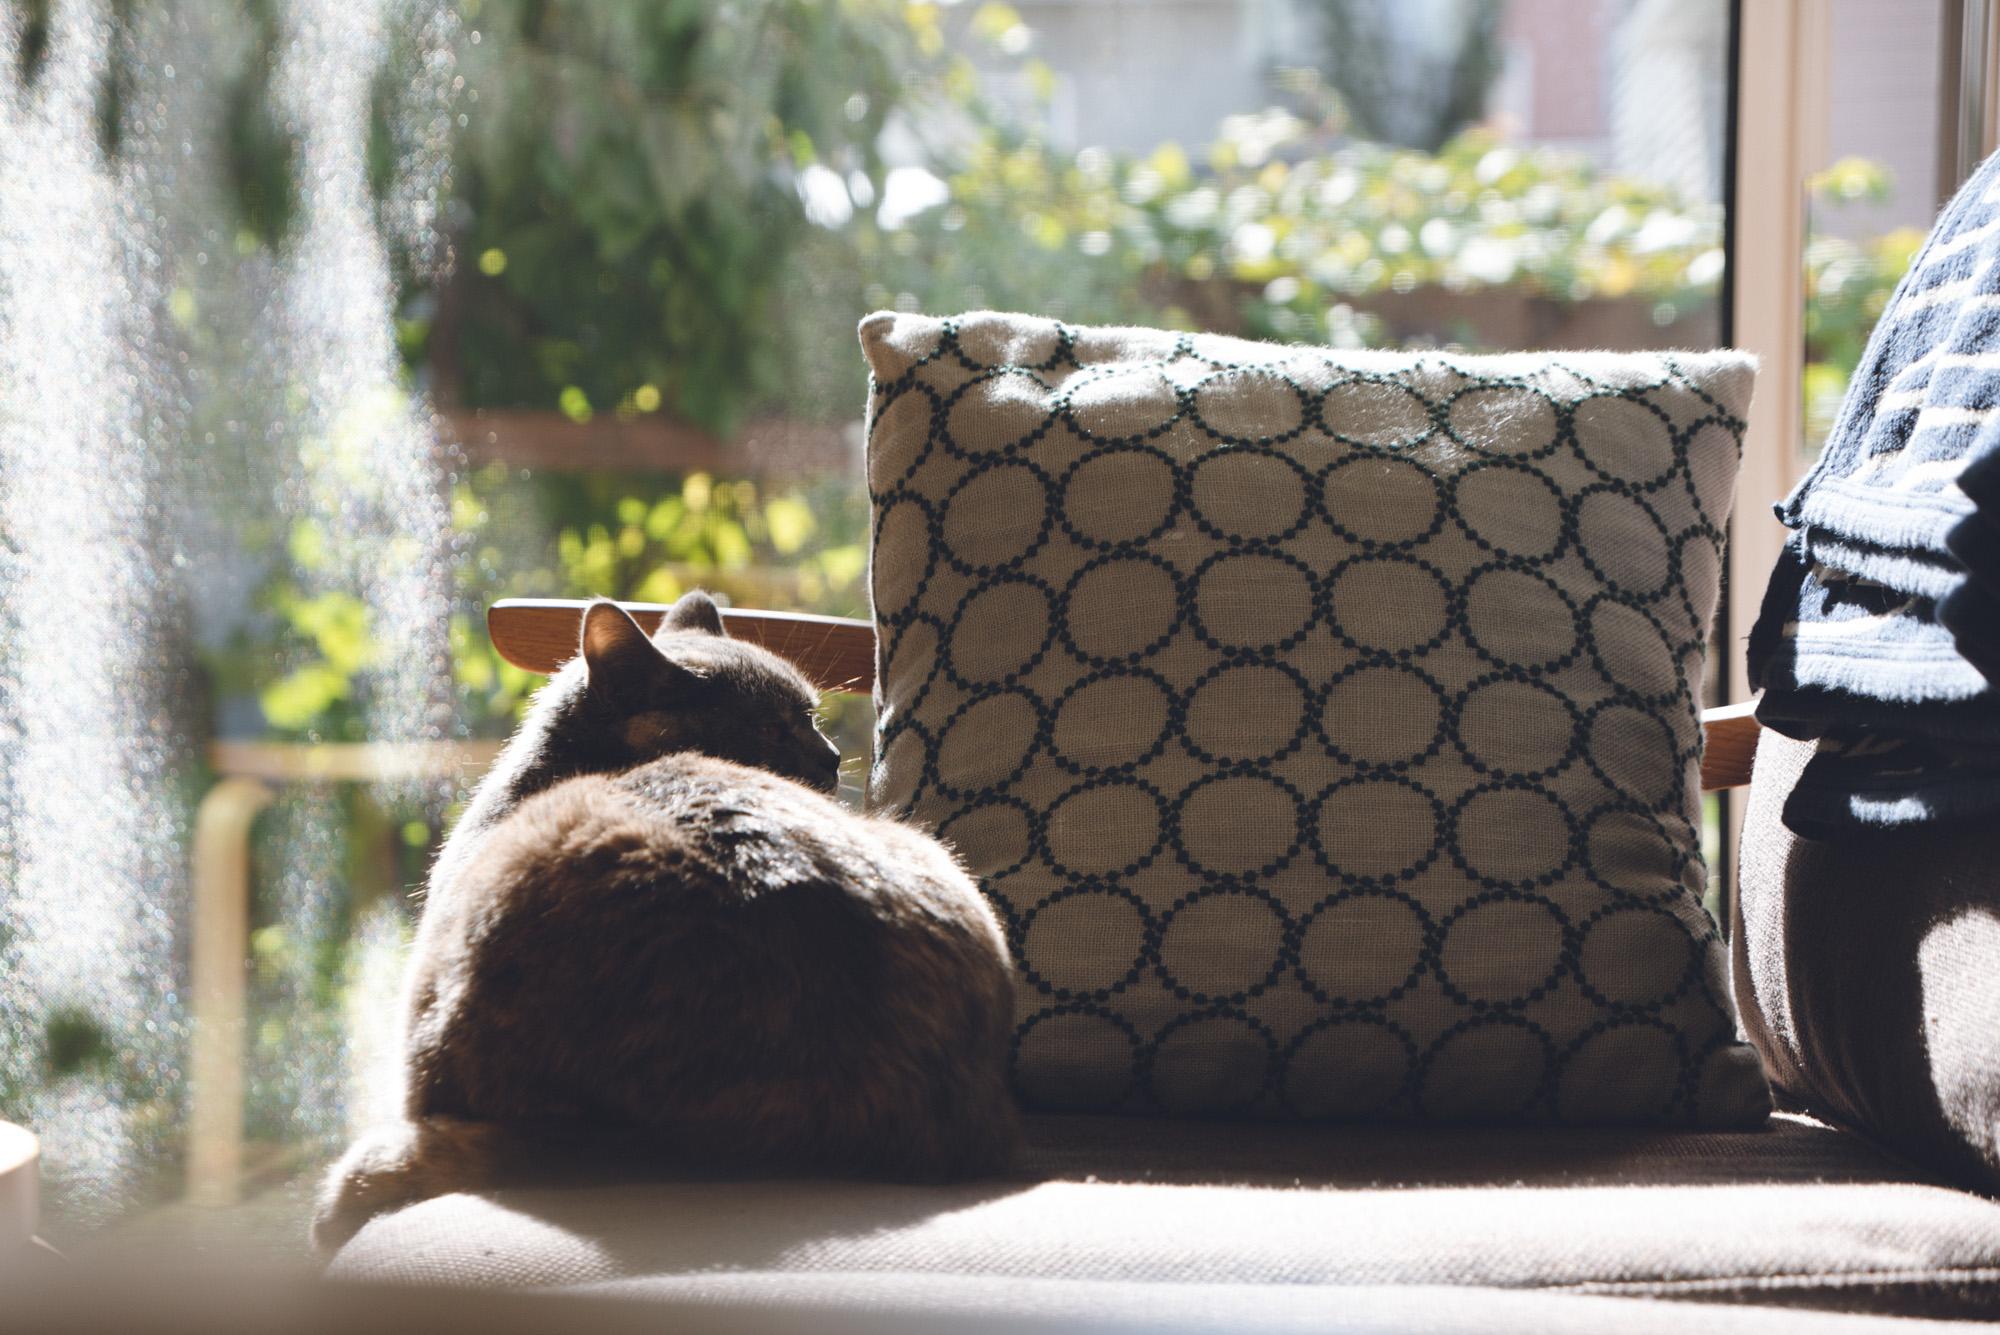 人懐っこい猫の写真